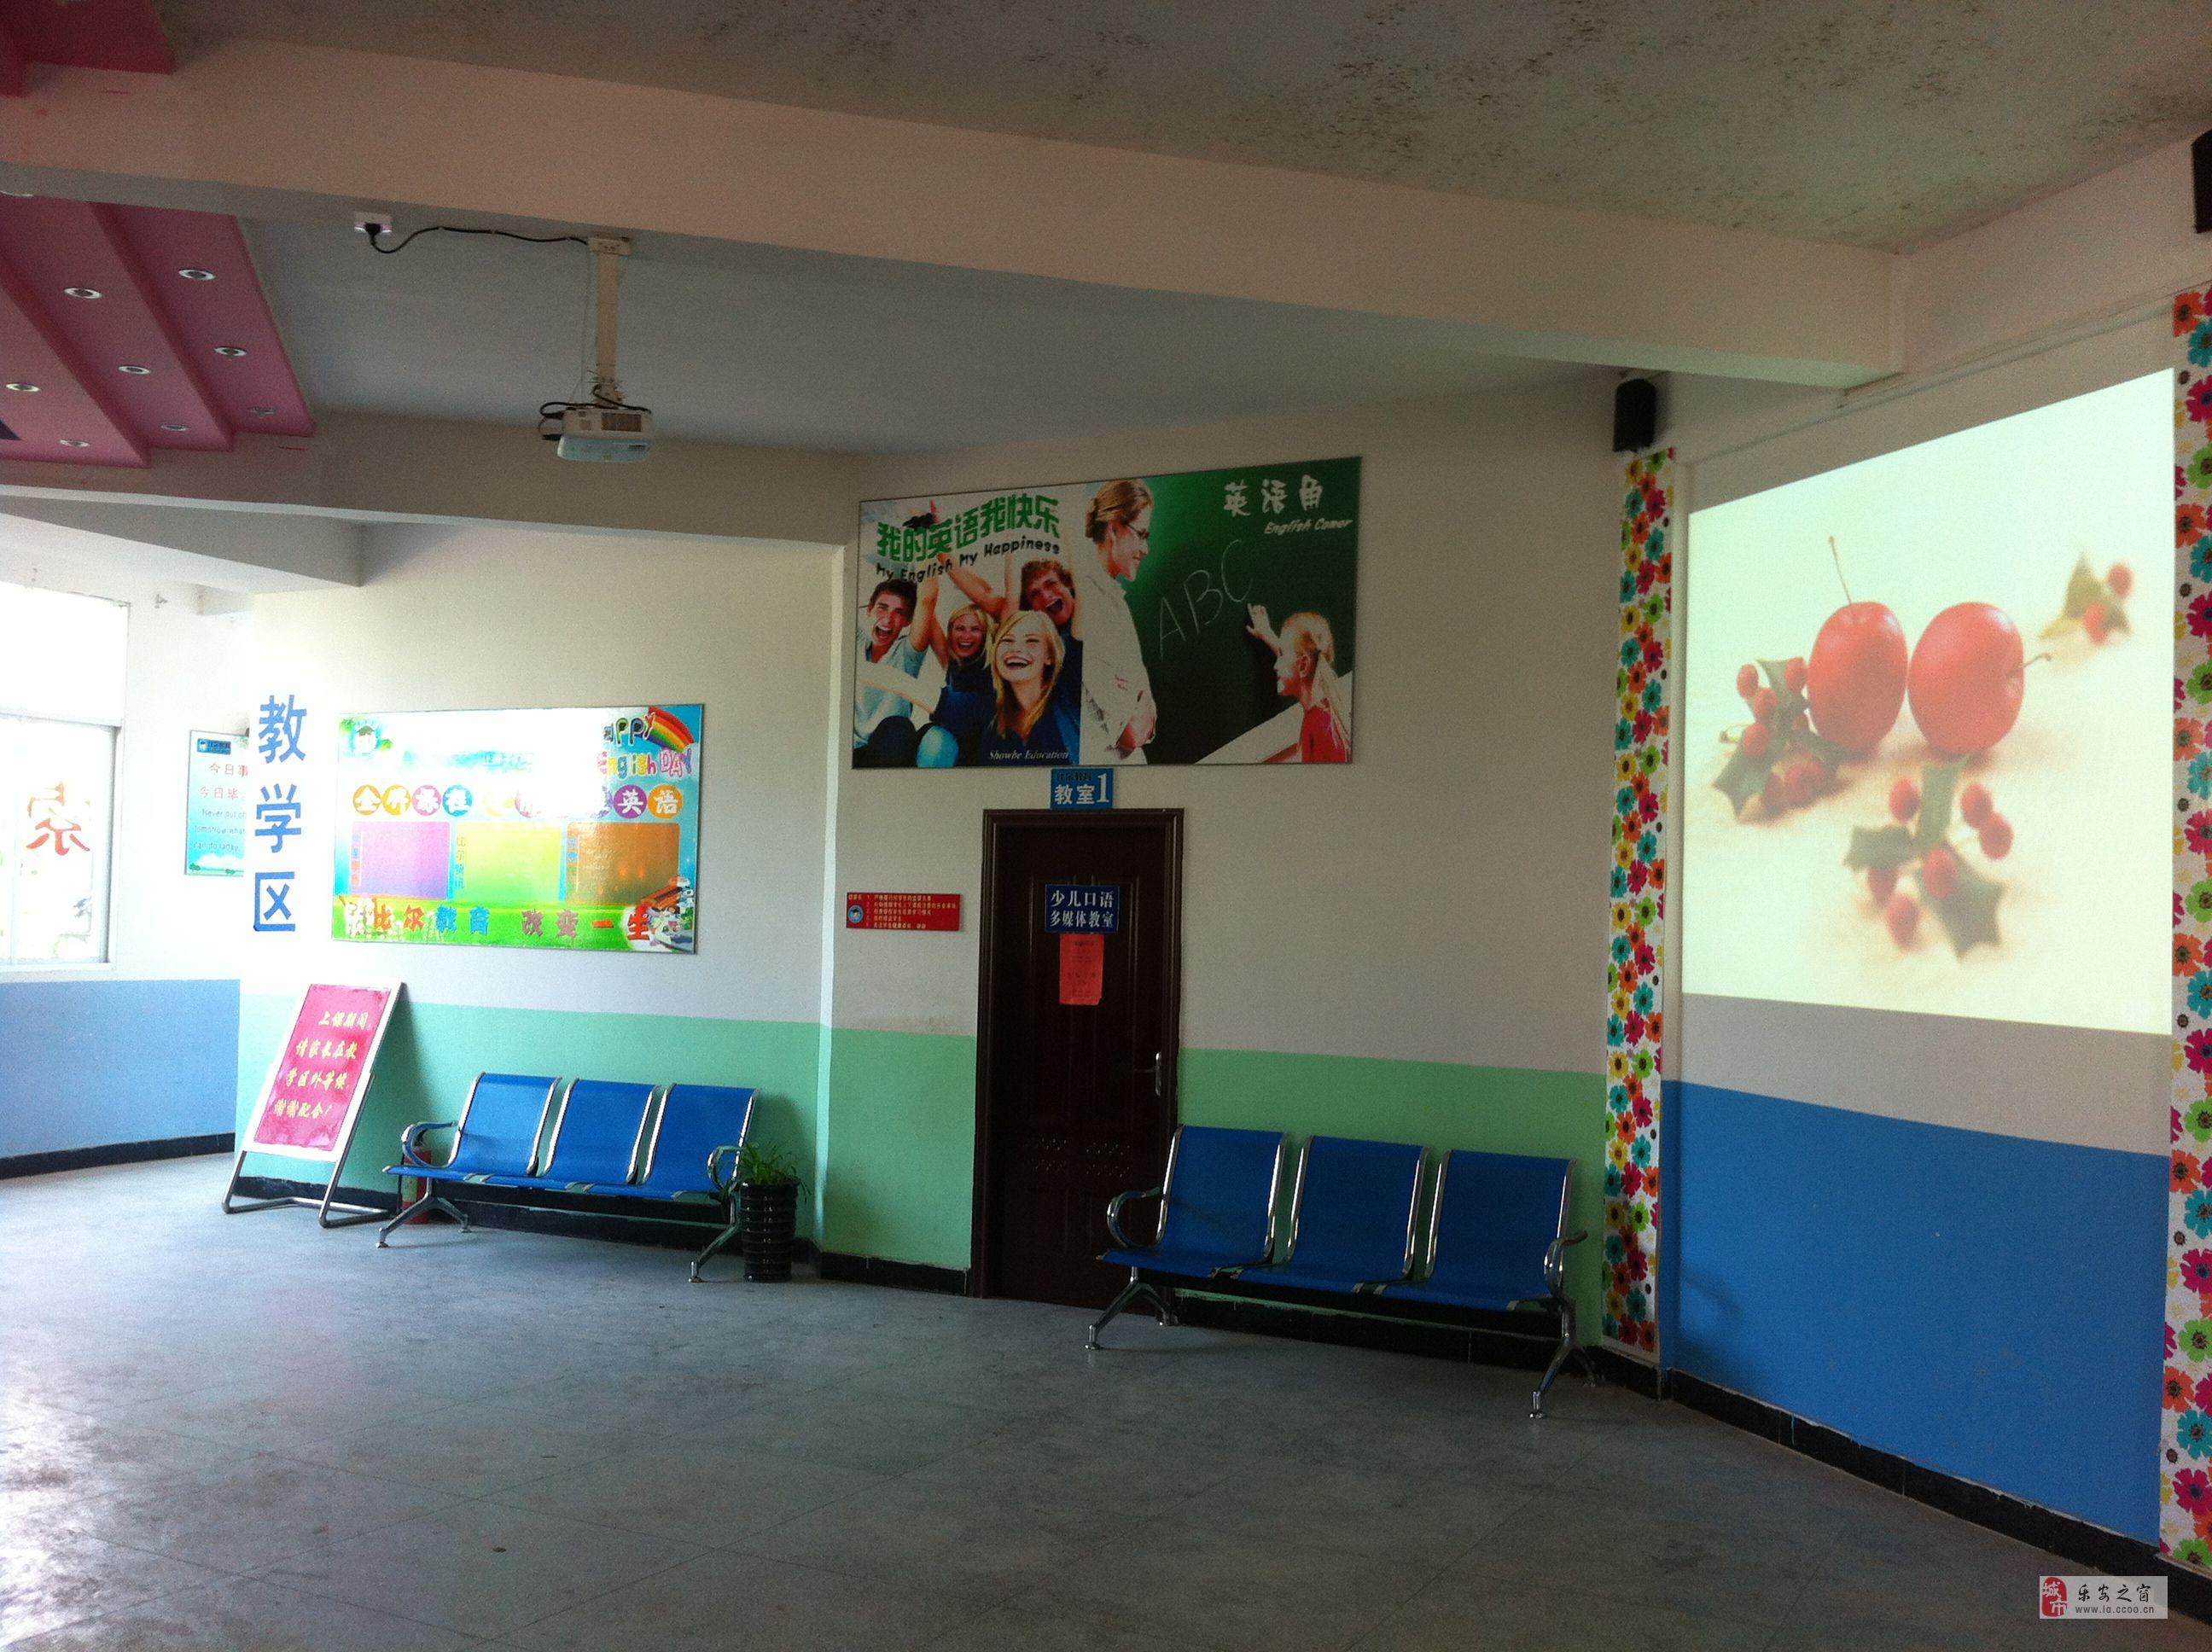 乐安比尔教育培训学校第二期免费体验班开班